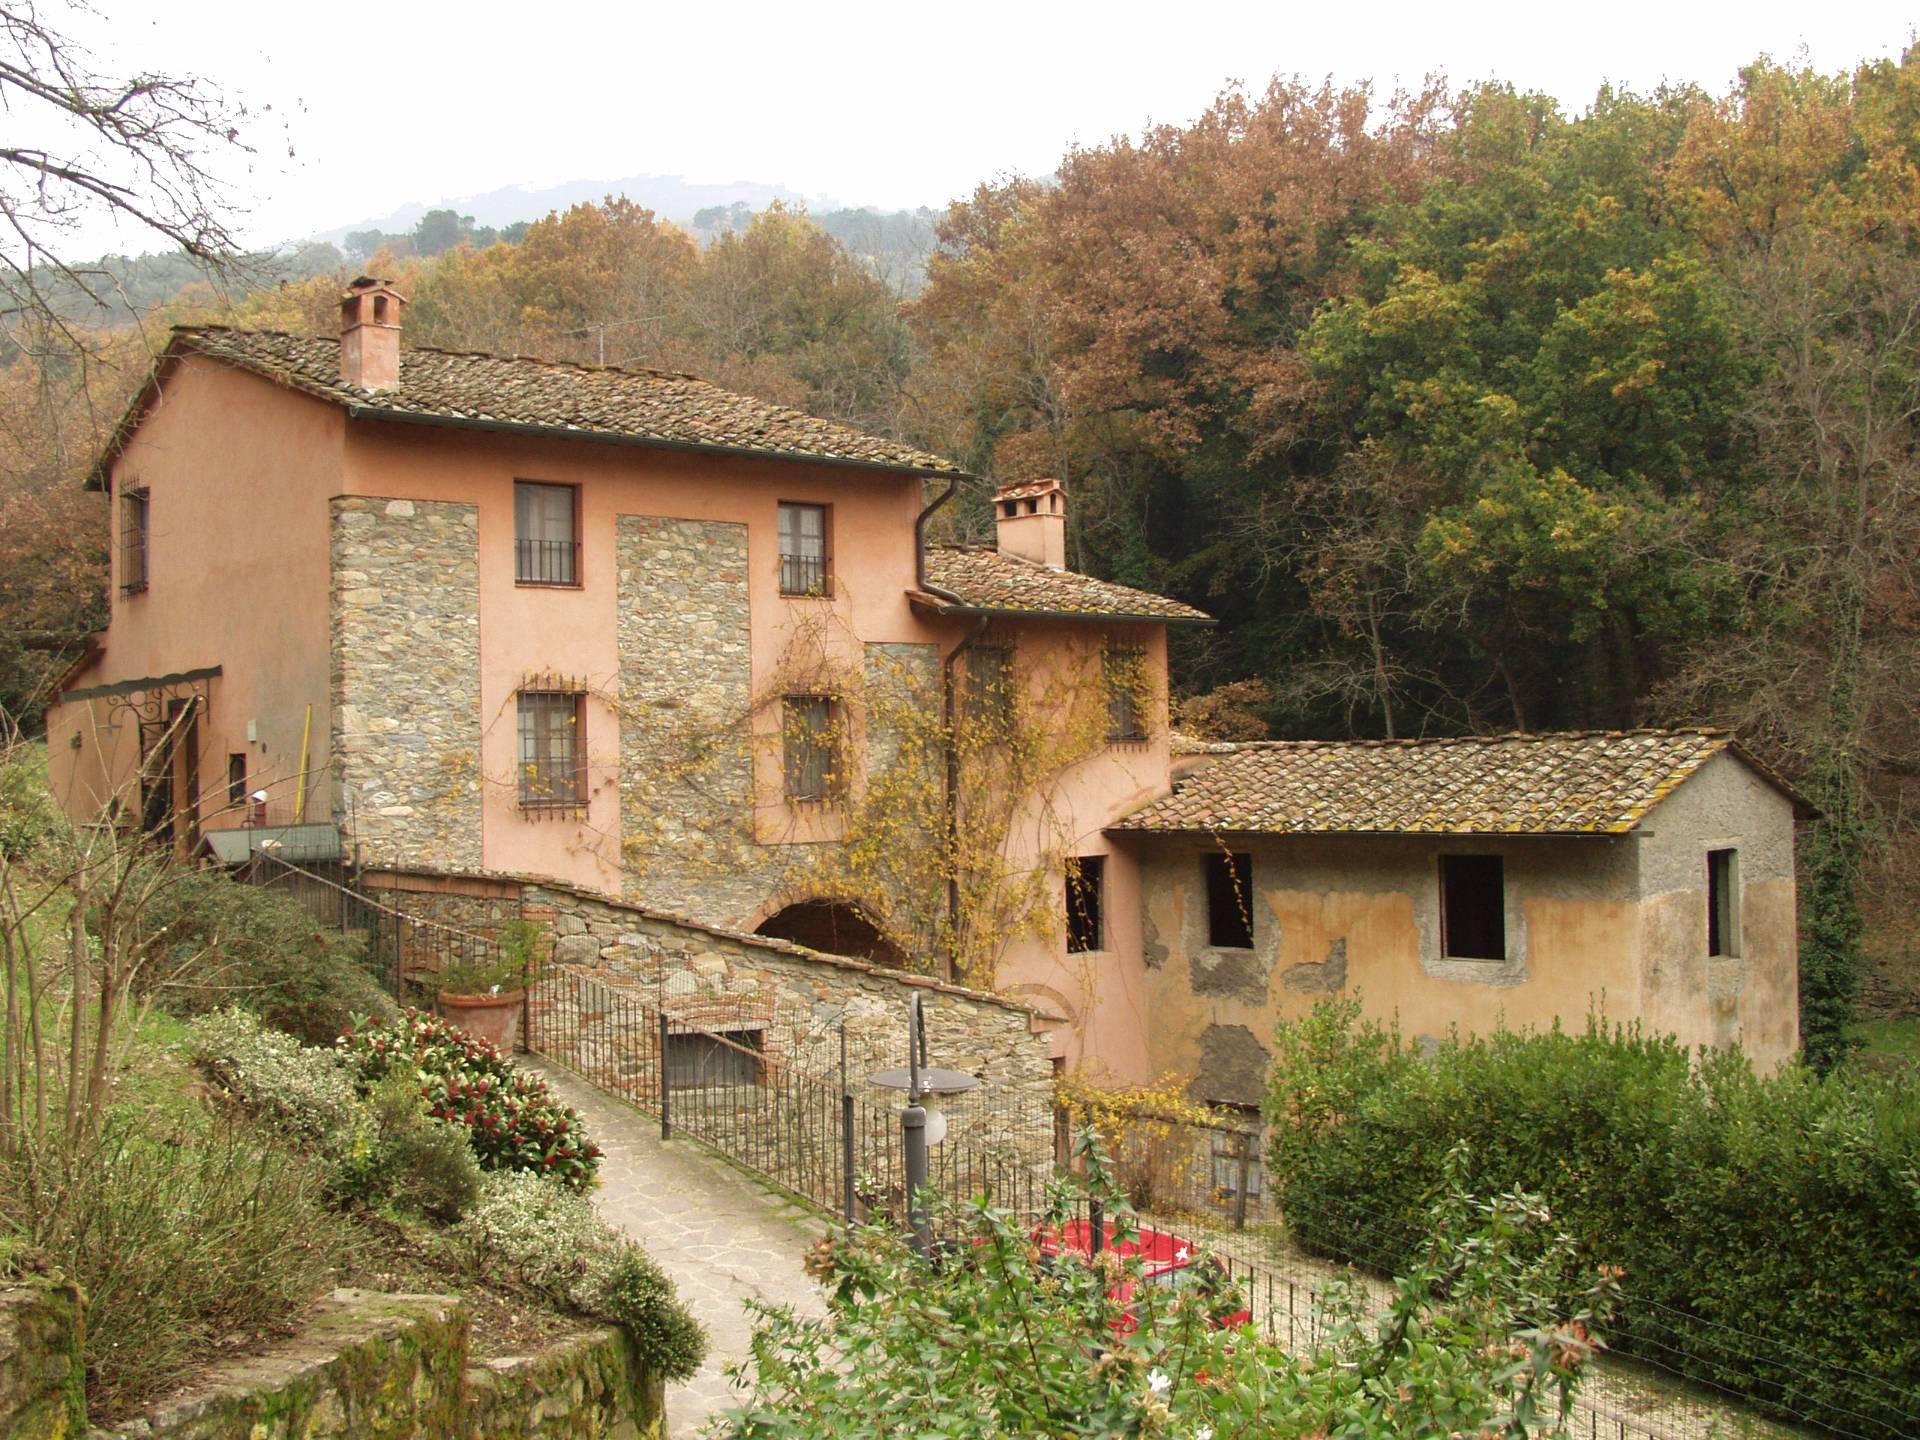 Rustico for sale in Vicopisano (PI)